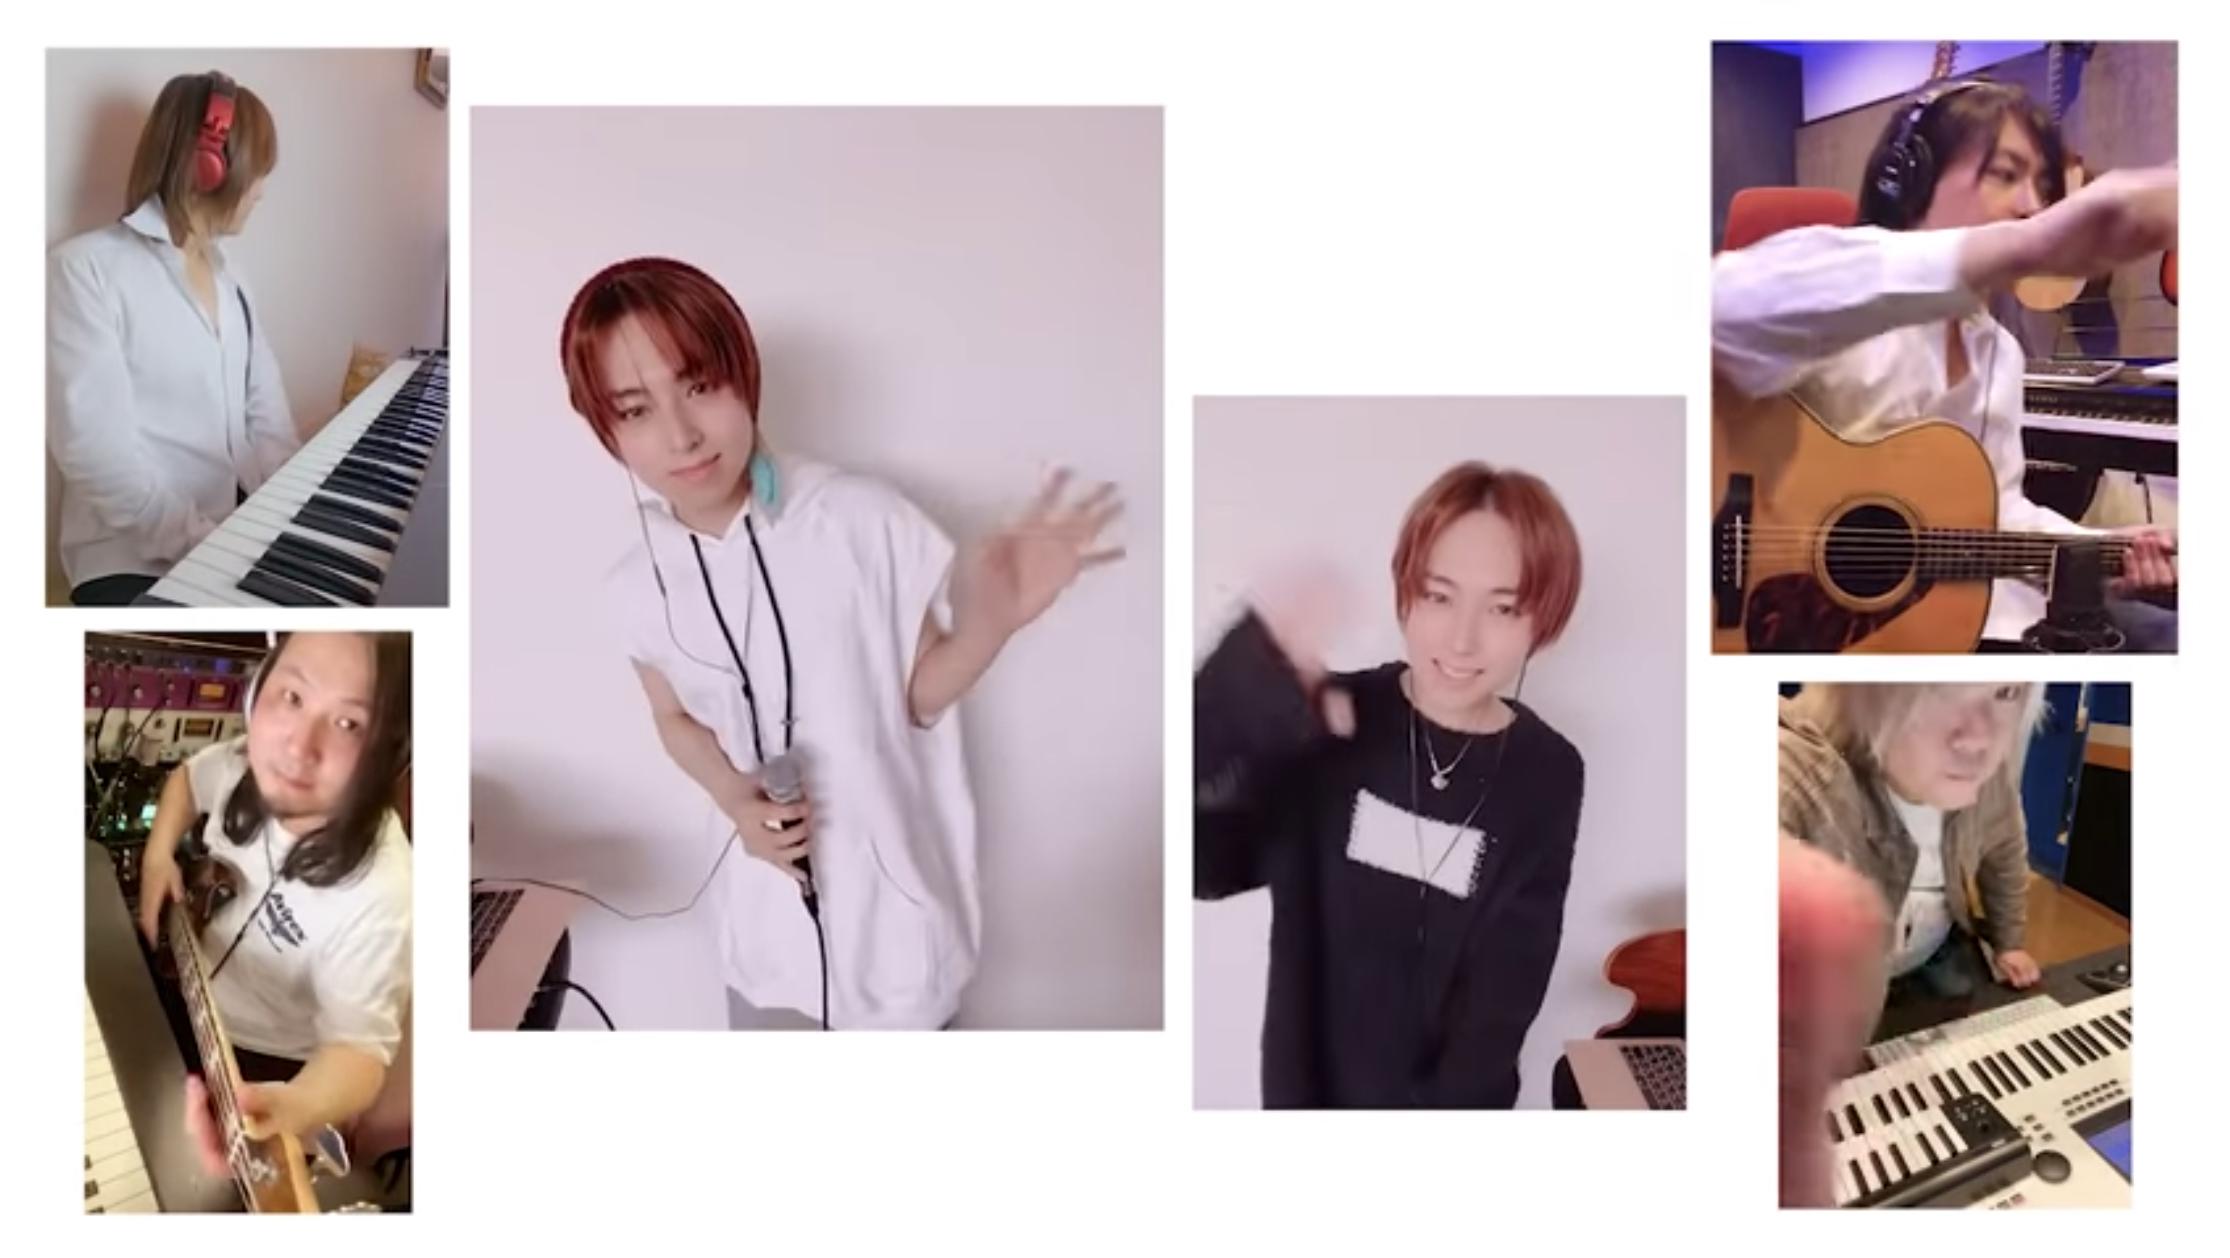 蒼井翔太さんホームセッション動画を公開!「Shake Shake! Together!」2人のしょーたんとクリエイターが奏でる1曲